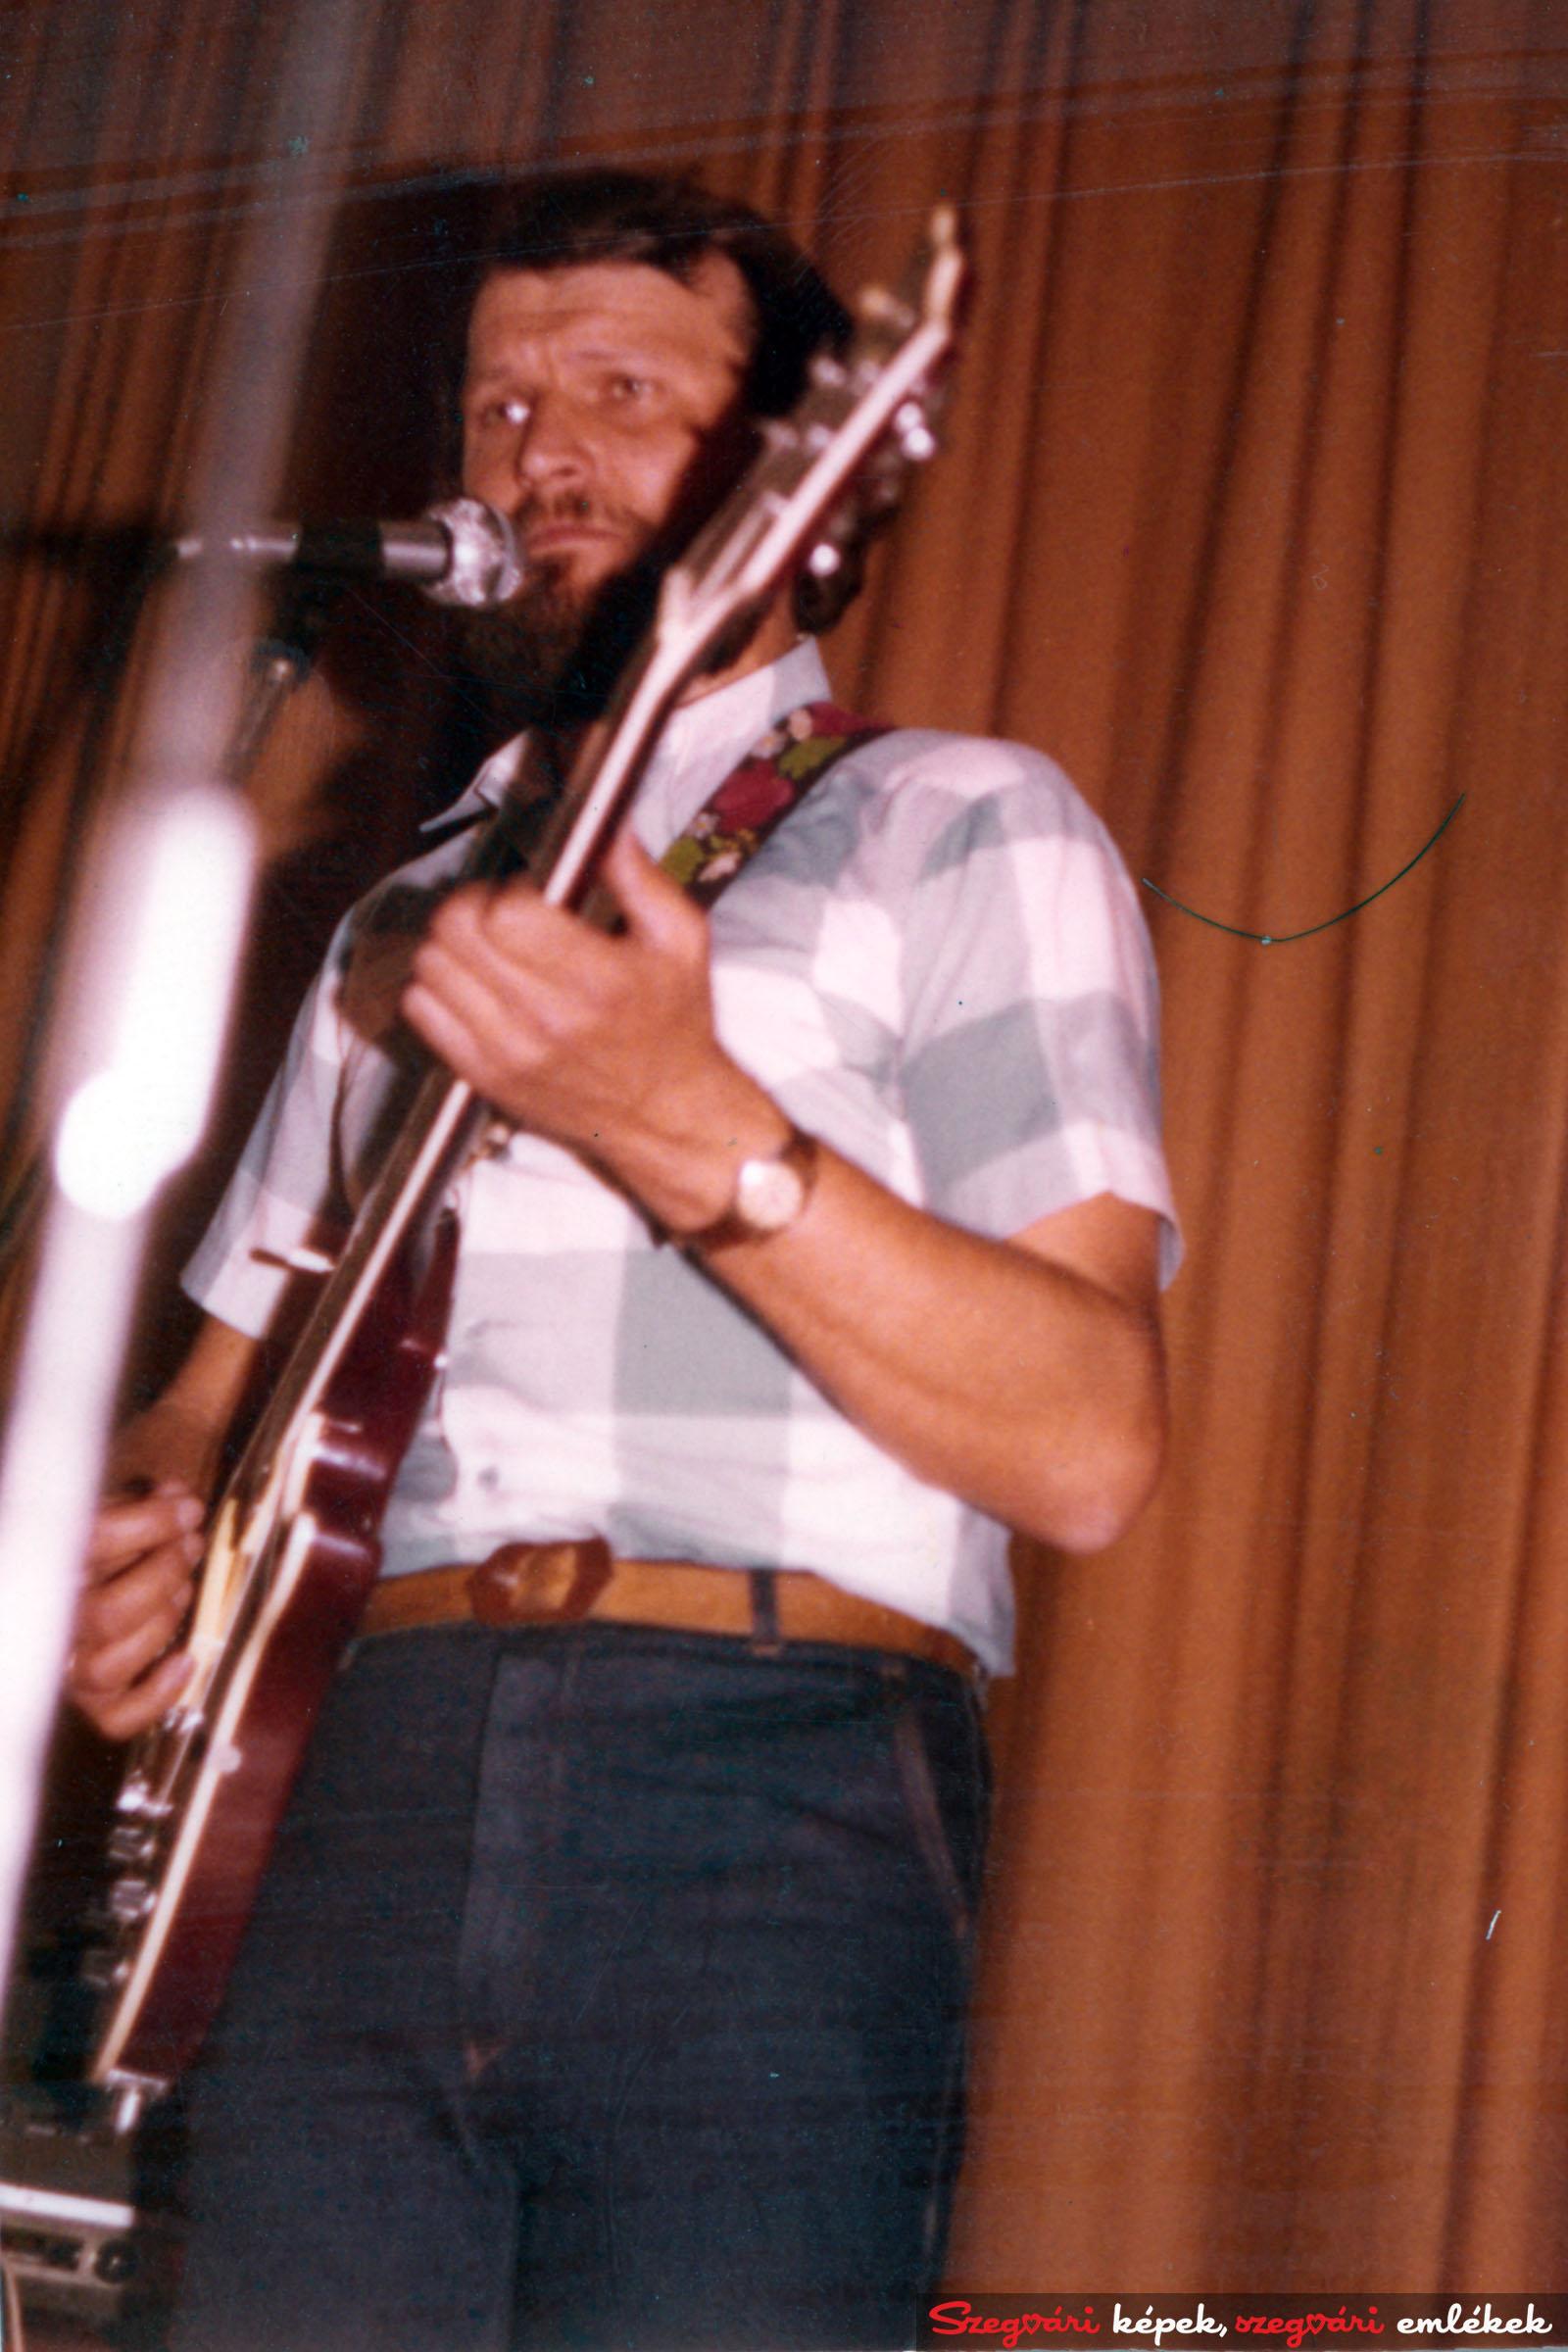 051 LWH 1975-1980. 026 – Fekete tulipántól a Lézerig, múltid